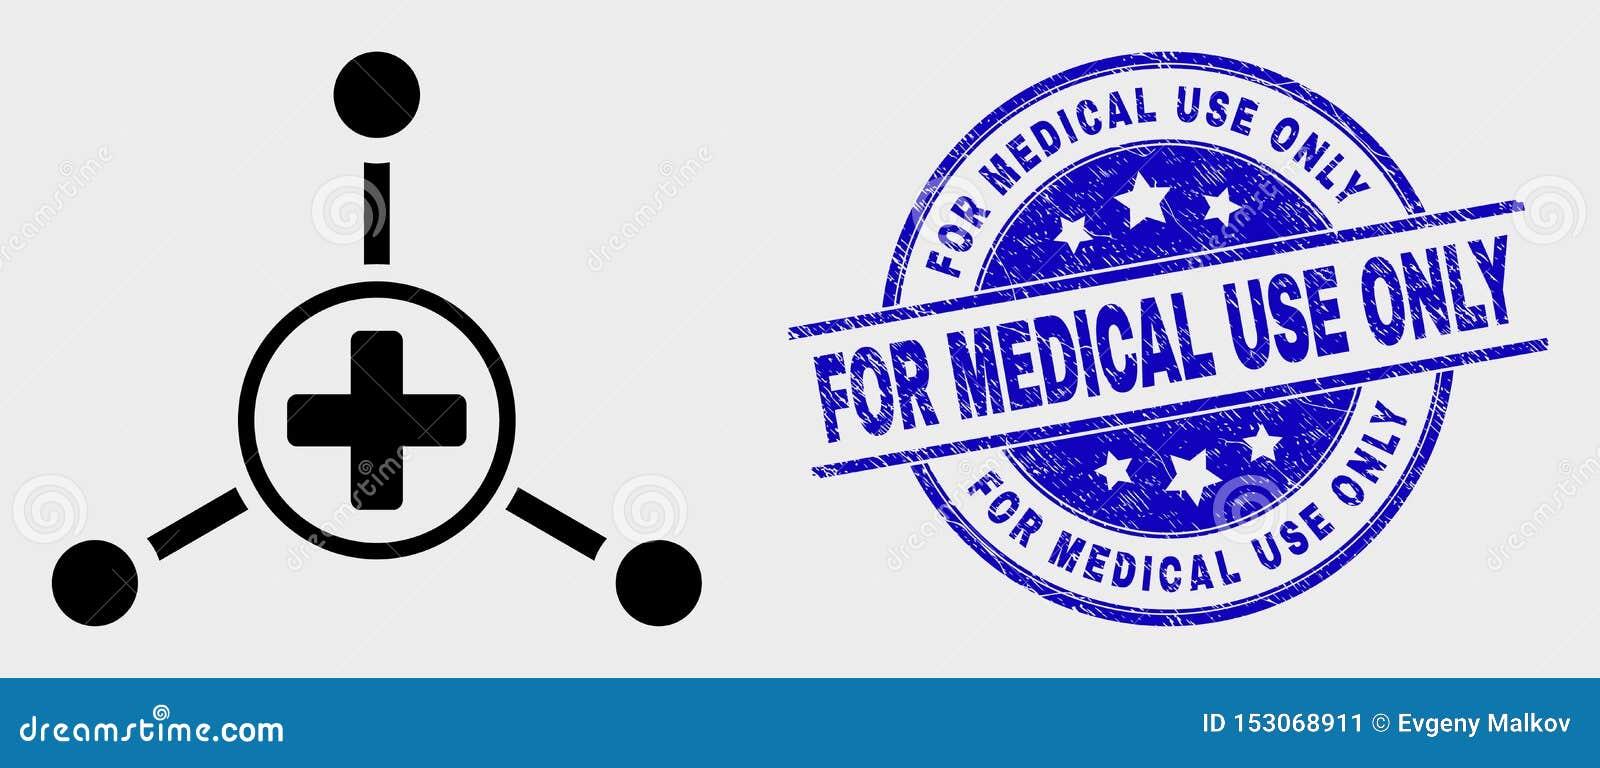 Vector de Verbindingenpictogram van het Slag Medische Centrum en Gekrast voor Medische Gebruiks slechts Verbinding